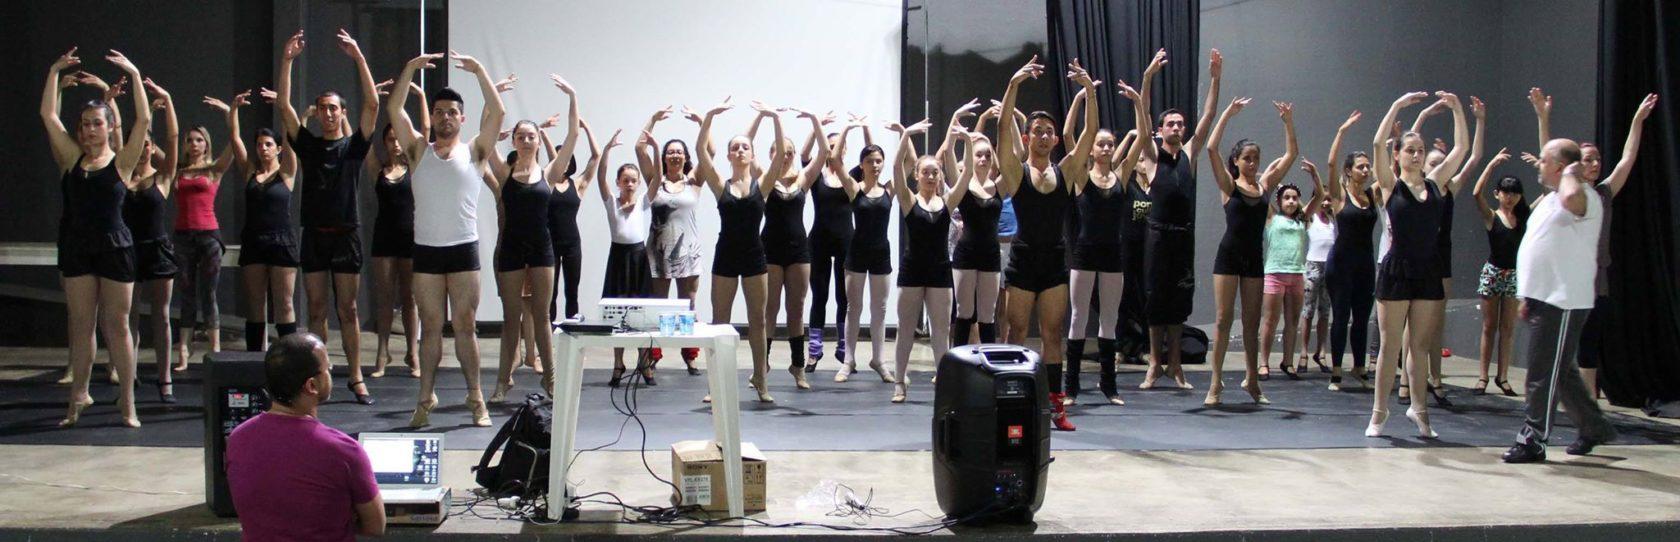 São Paulo Companhia de Dança ofereceu palestra e oficina para dançarinos de Itararé e região no Teatro Municipal Sylvio Machado